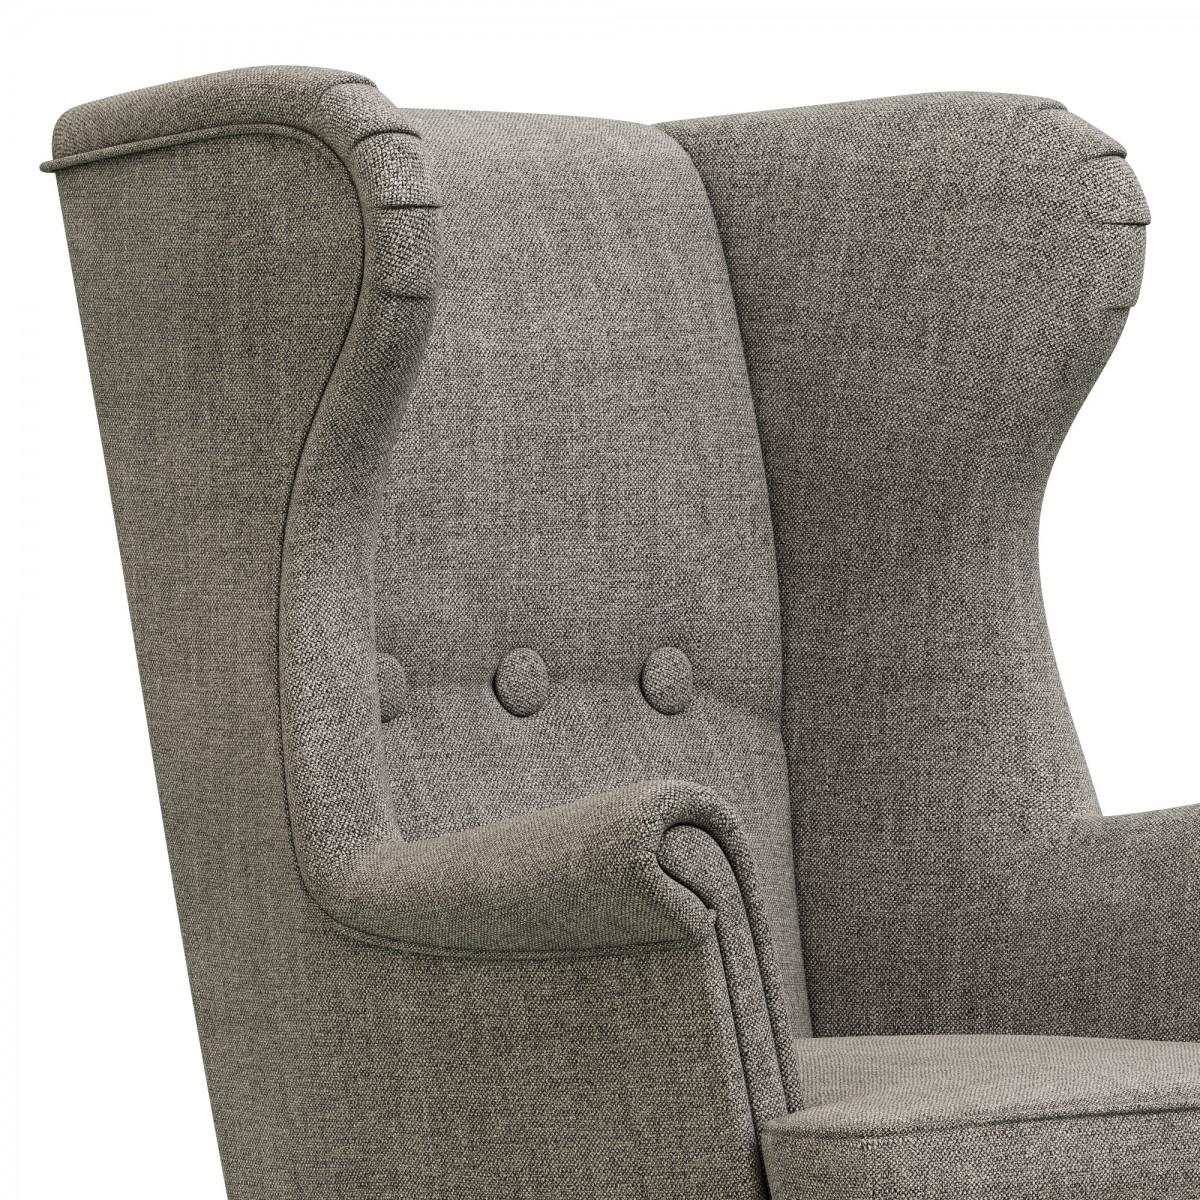 Ikea Strandmon Children Armchair 3d Model For Vray